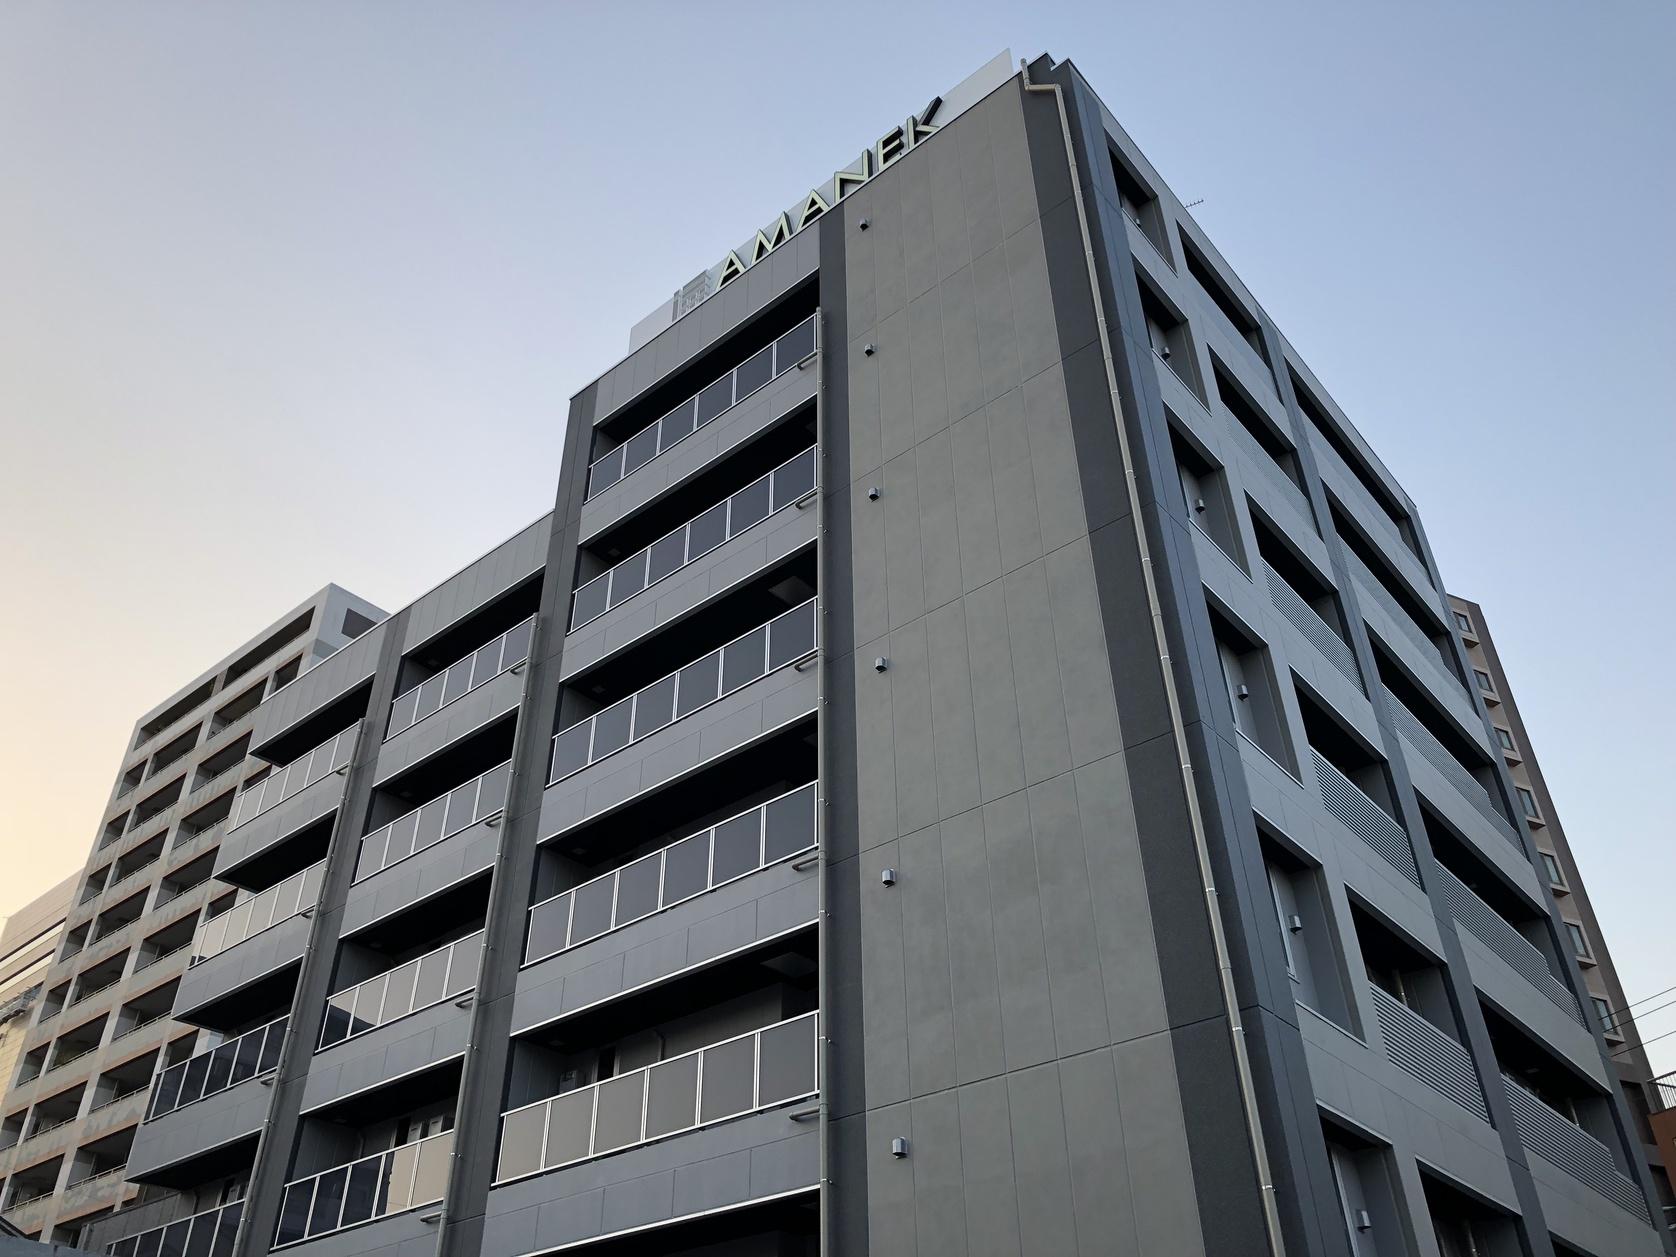 ホテル アマネク 浅草吾妻橋スカイ(2018年4月18日オー...